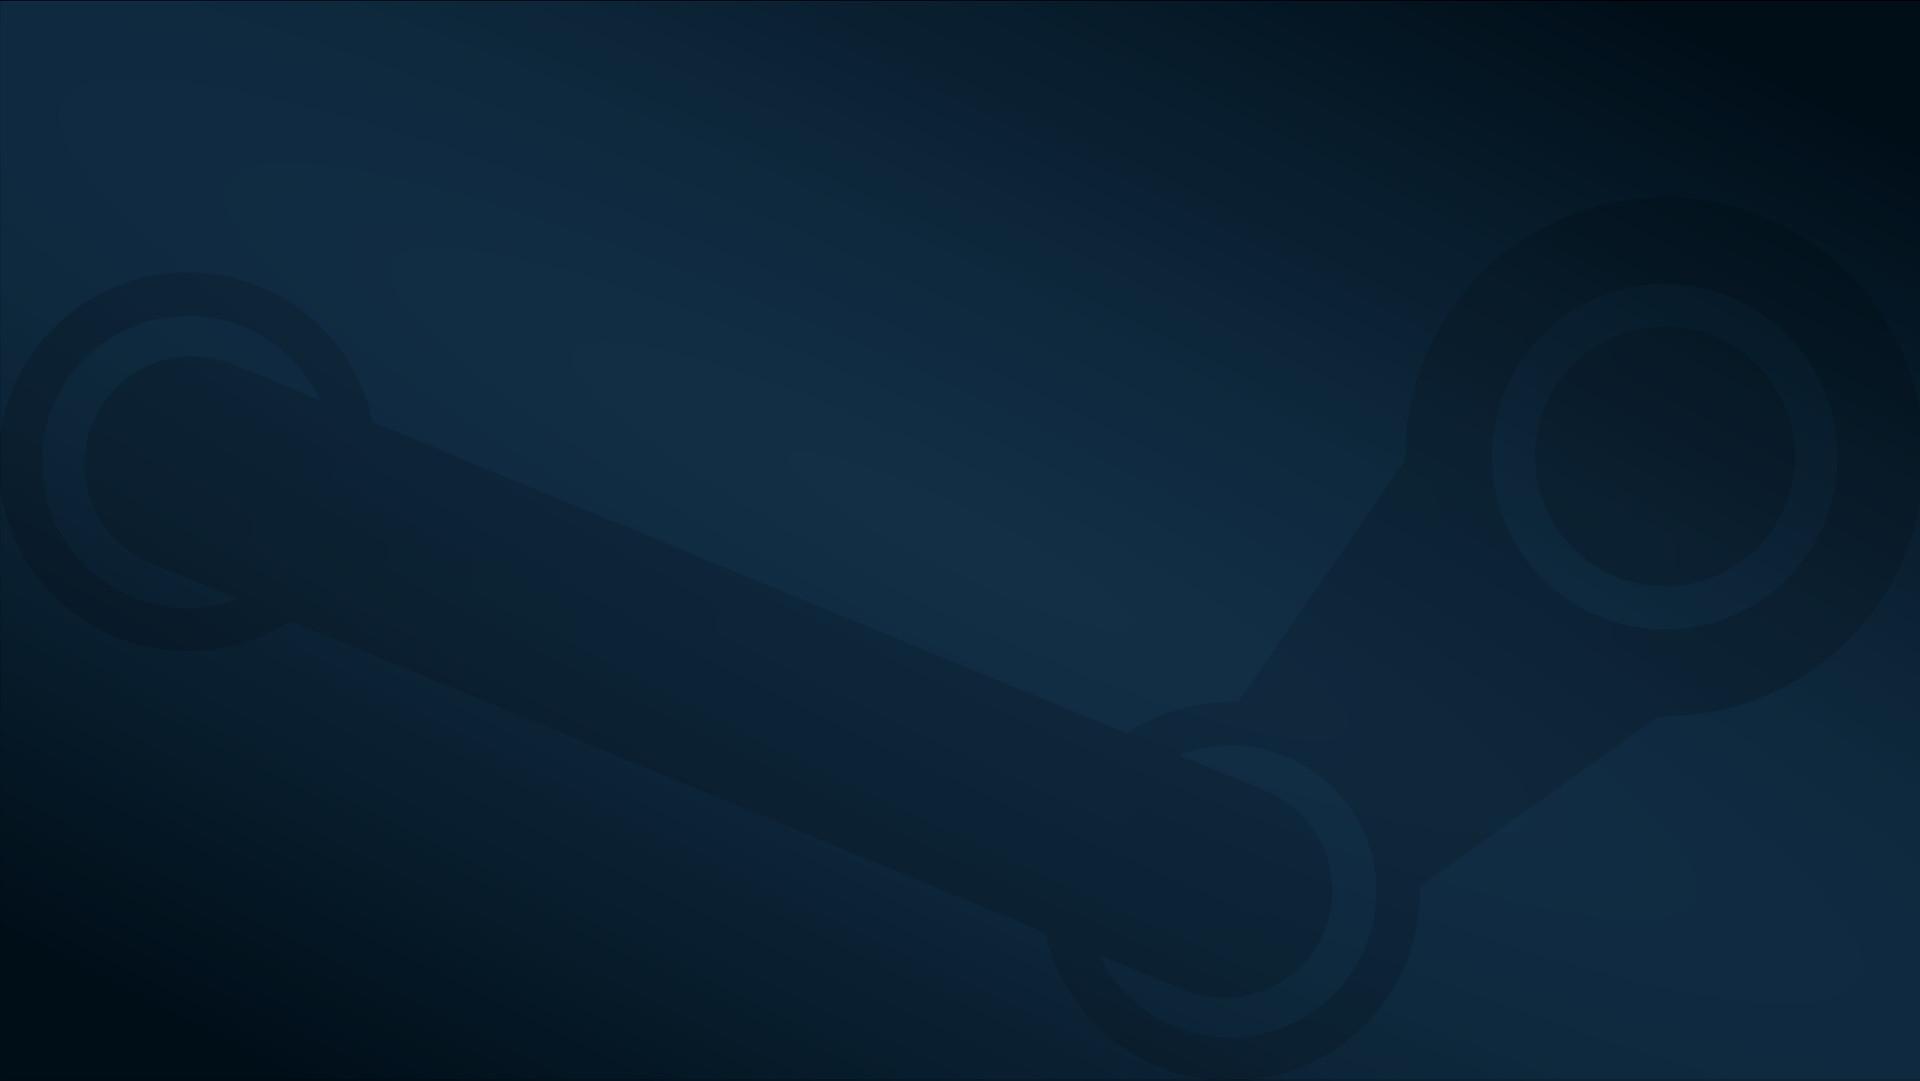 … Steam background …